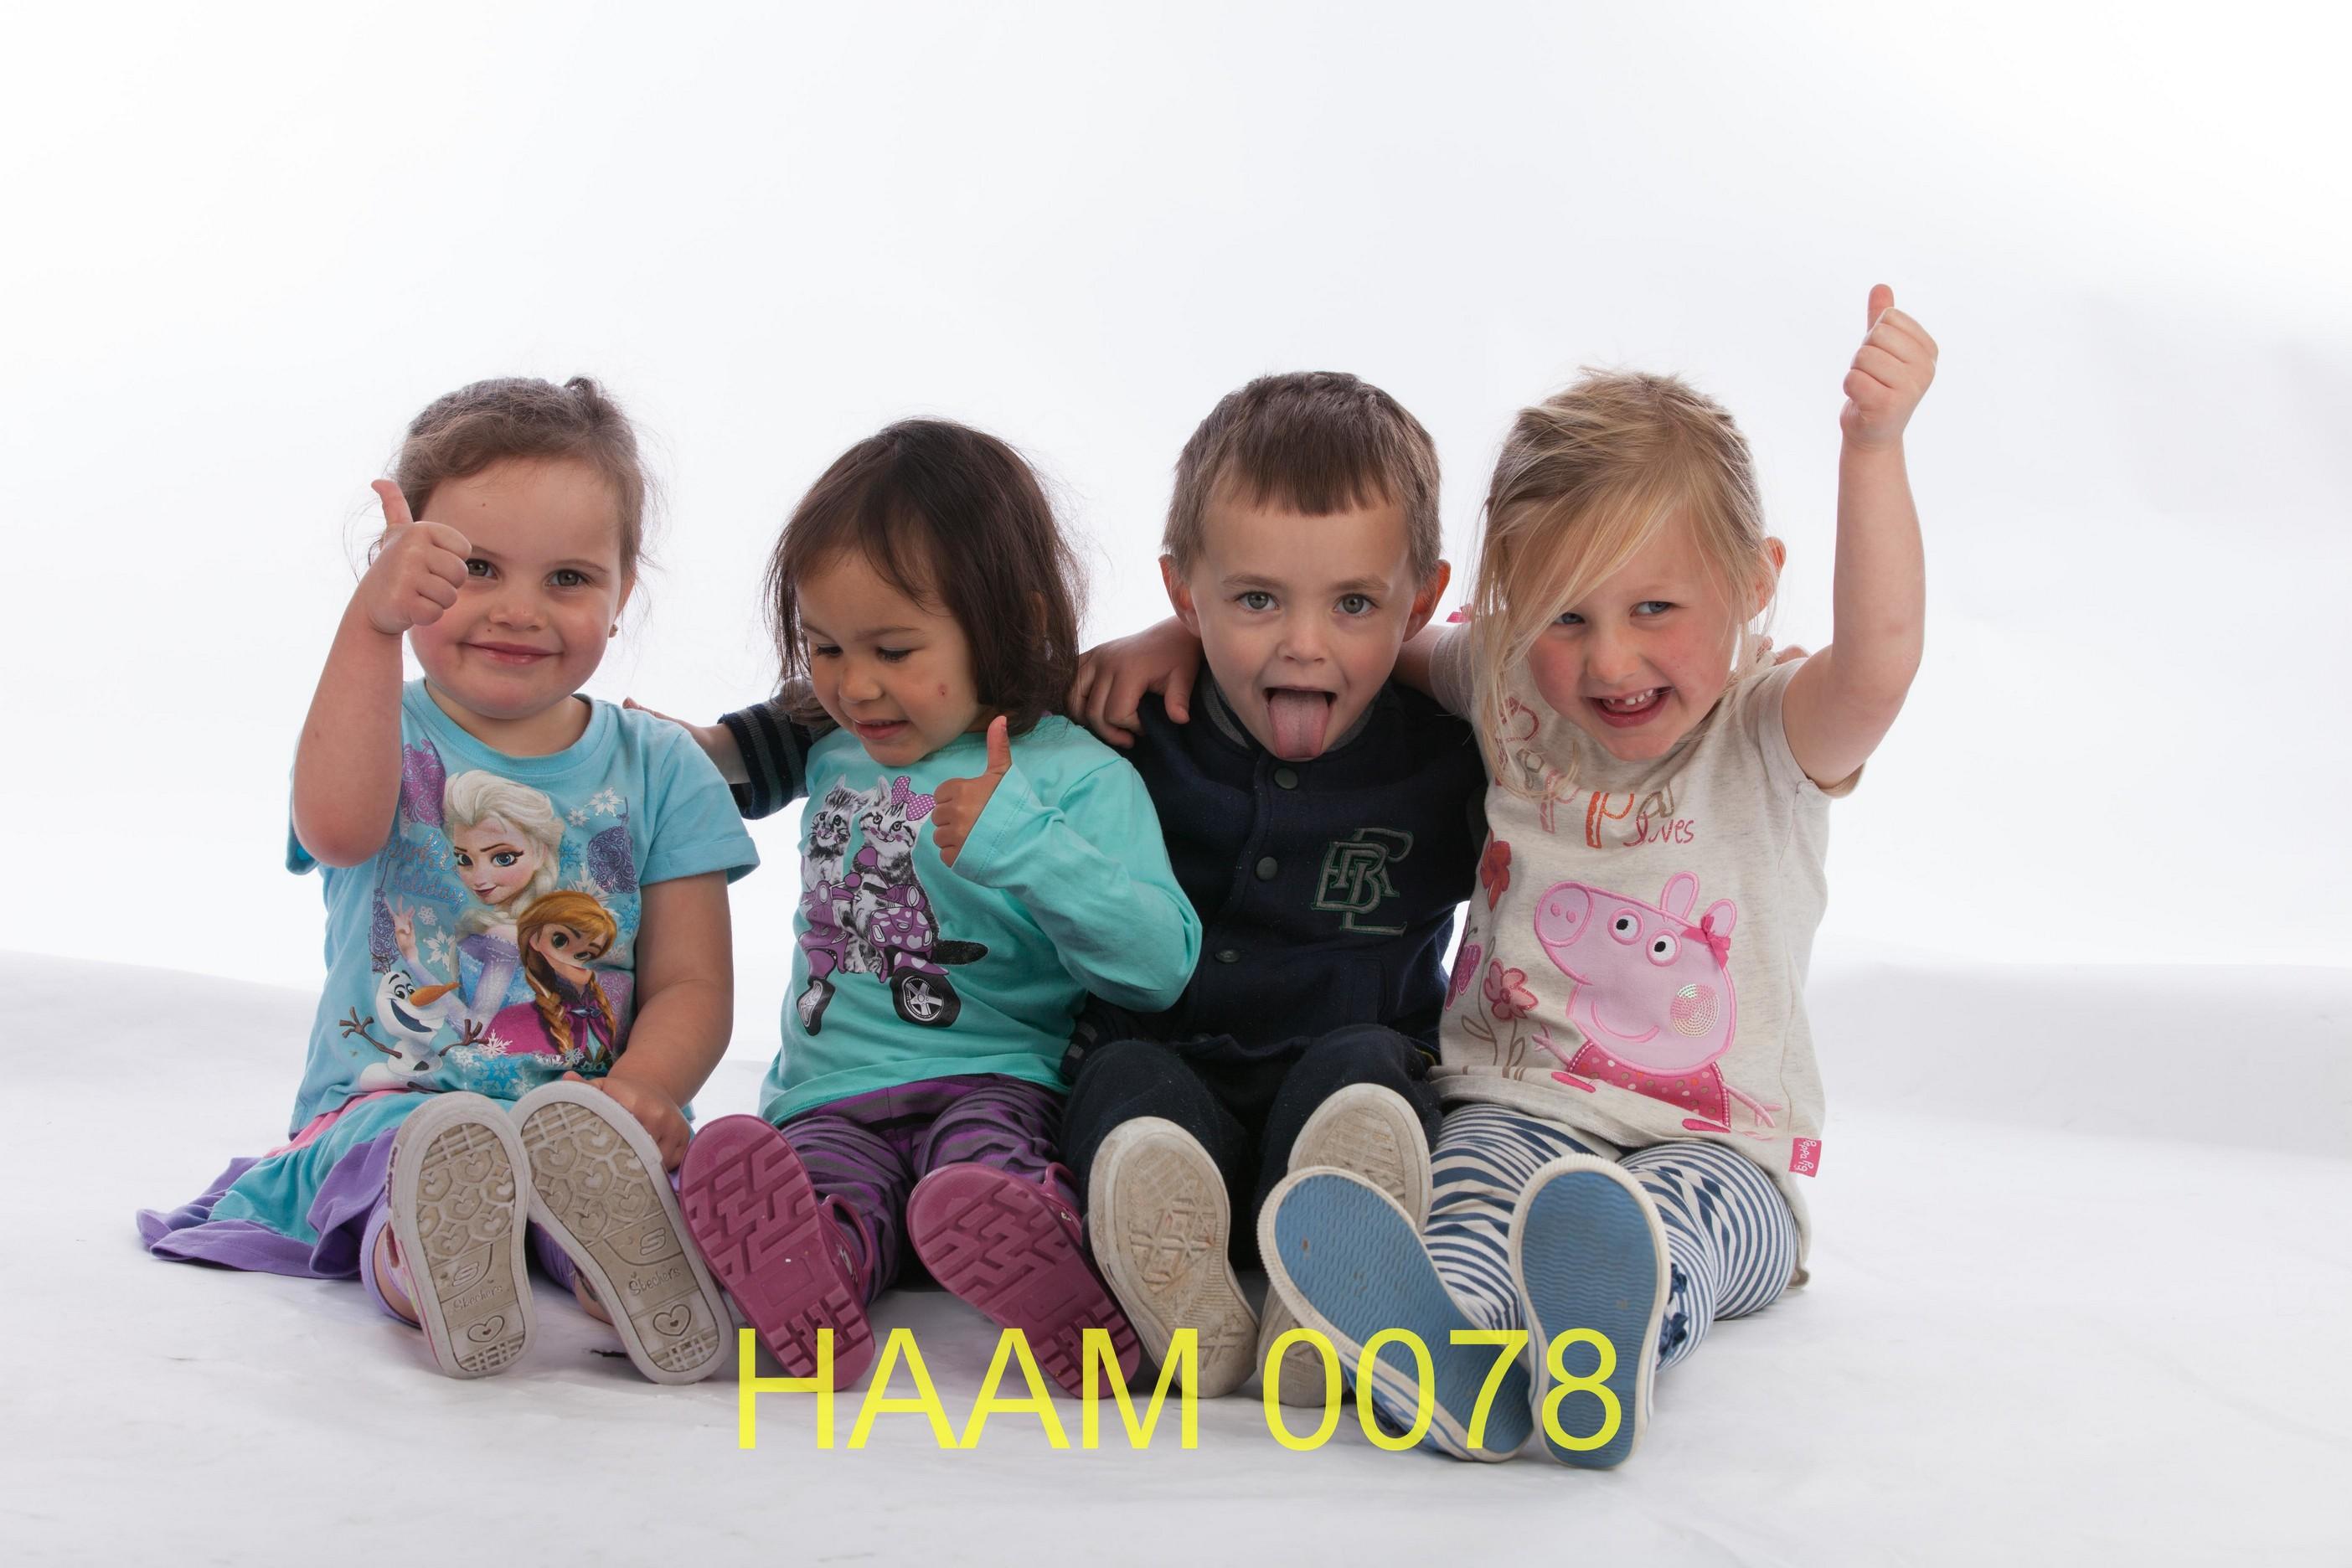 HAAM 0078